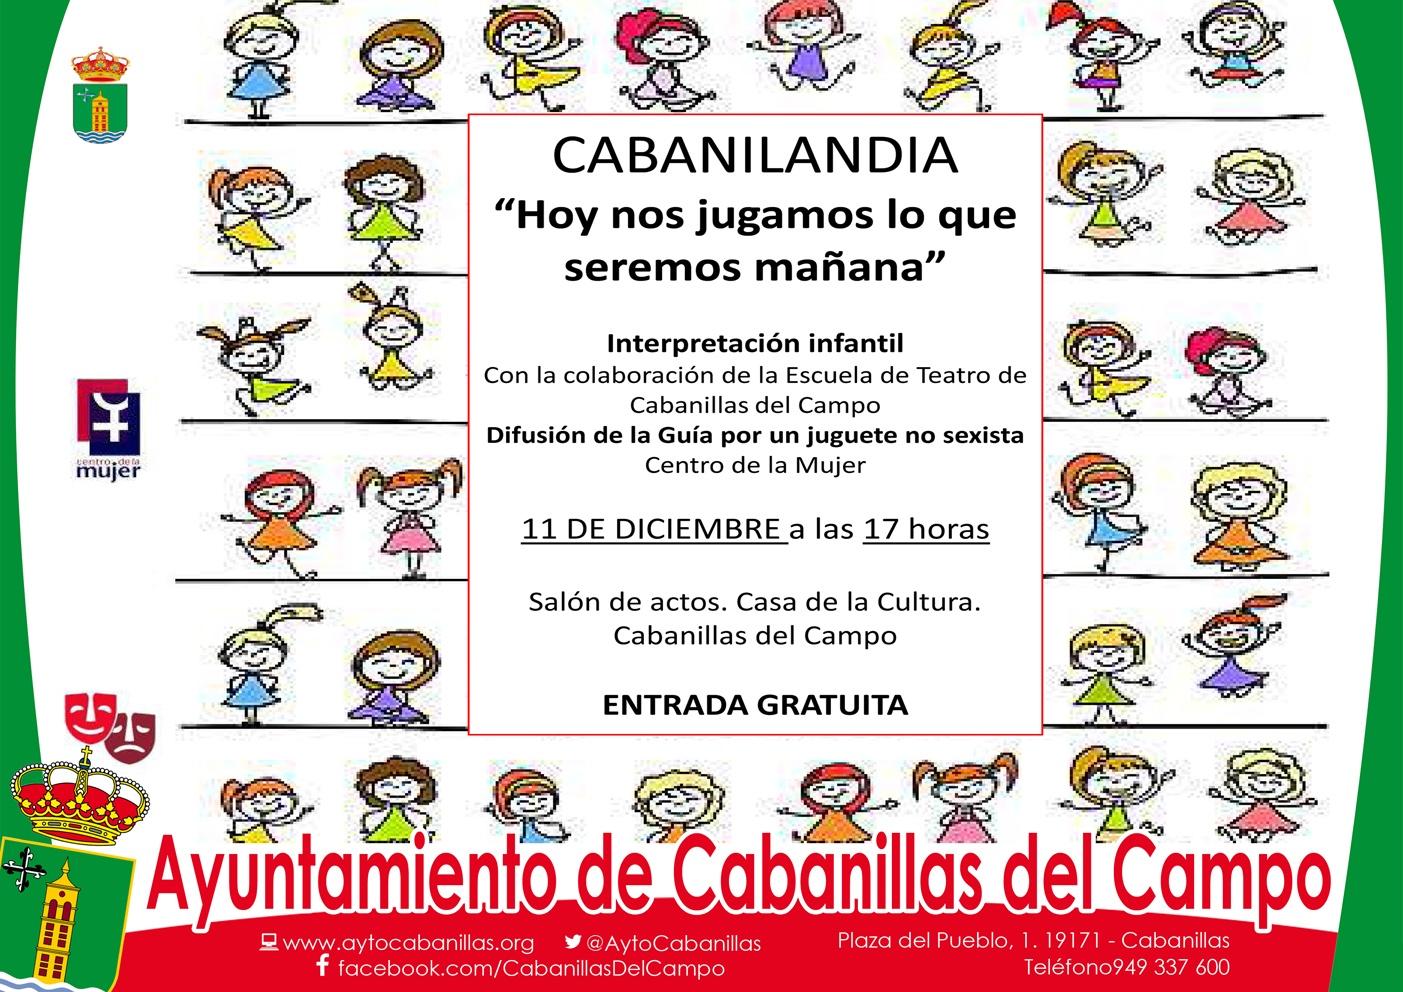 ctava edición de Cabanilandia en Cabanillas, por la convivencia y promoviendo el juguete no sexista